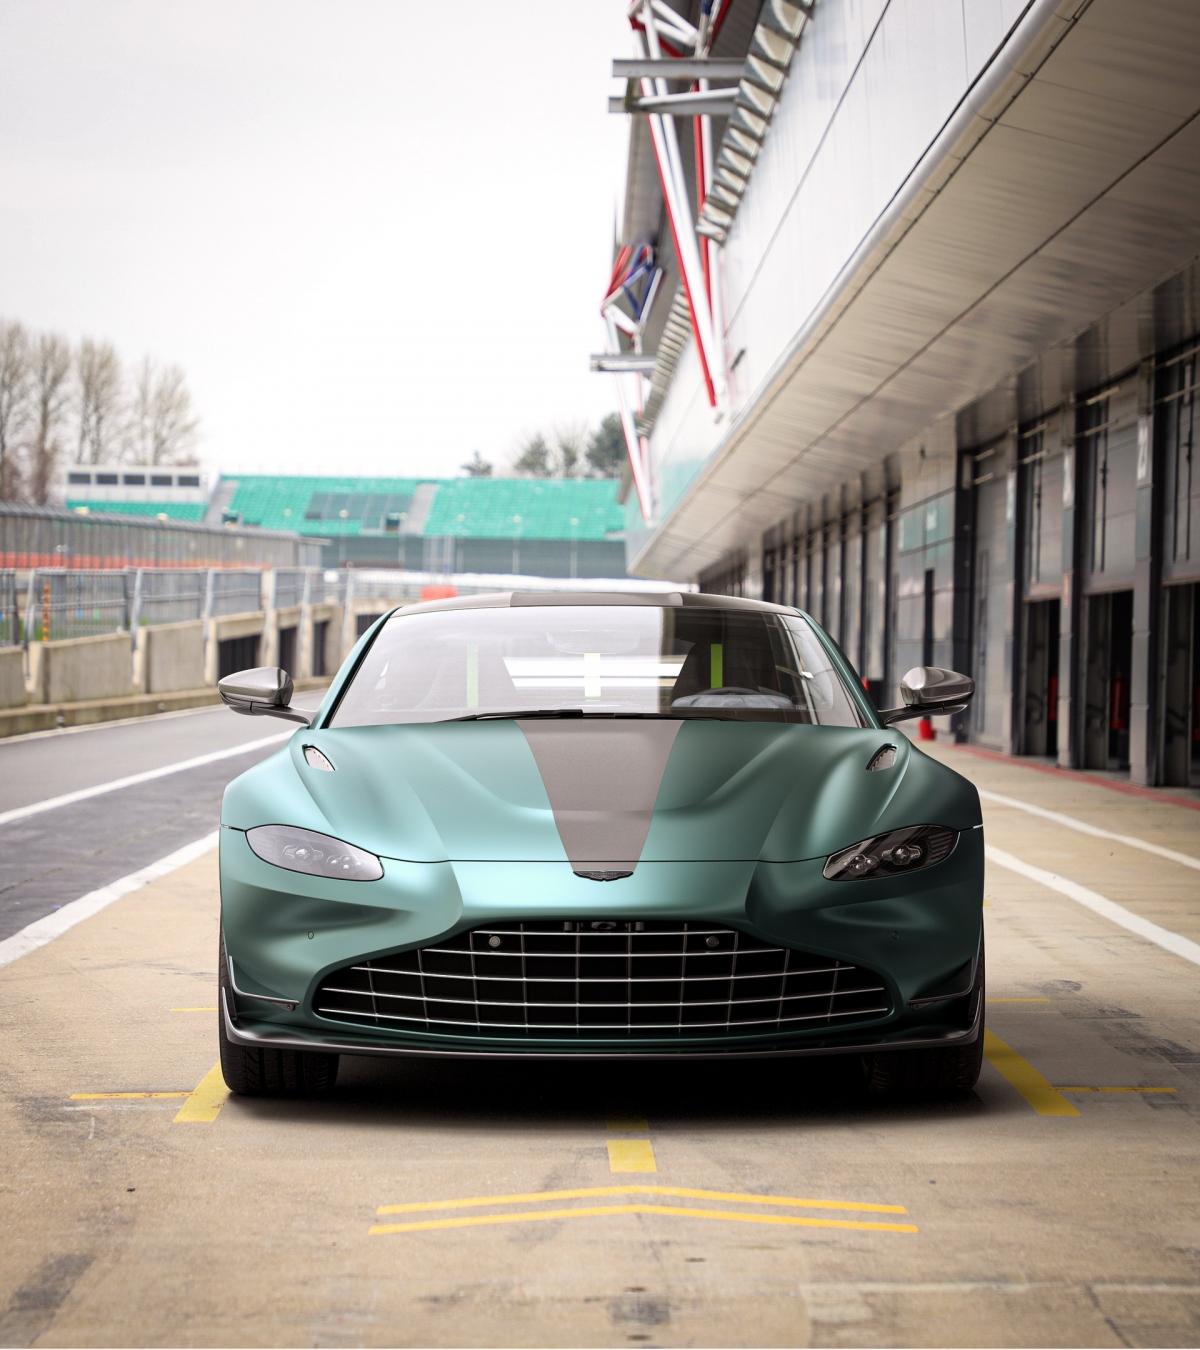 Hãng xe Anh quốc cho biết sức mạnh này sẽ giúp xe có được khả năng bám đường tốt hơn và thời gian sang số nhanh hơn. Các kỹ sư của hãng cũng đồng thời thiết kế lại hộp số với khả năng chuyển số nhanh hơn cũng cảm giác trực tiếp hơn.